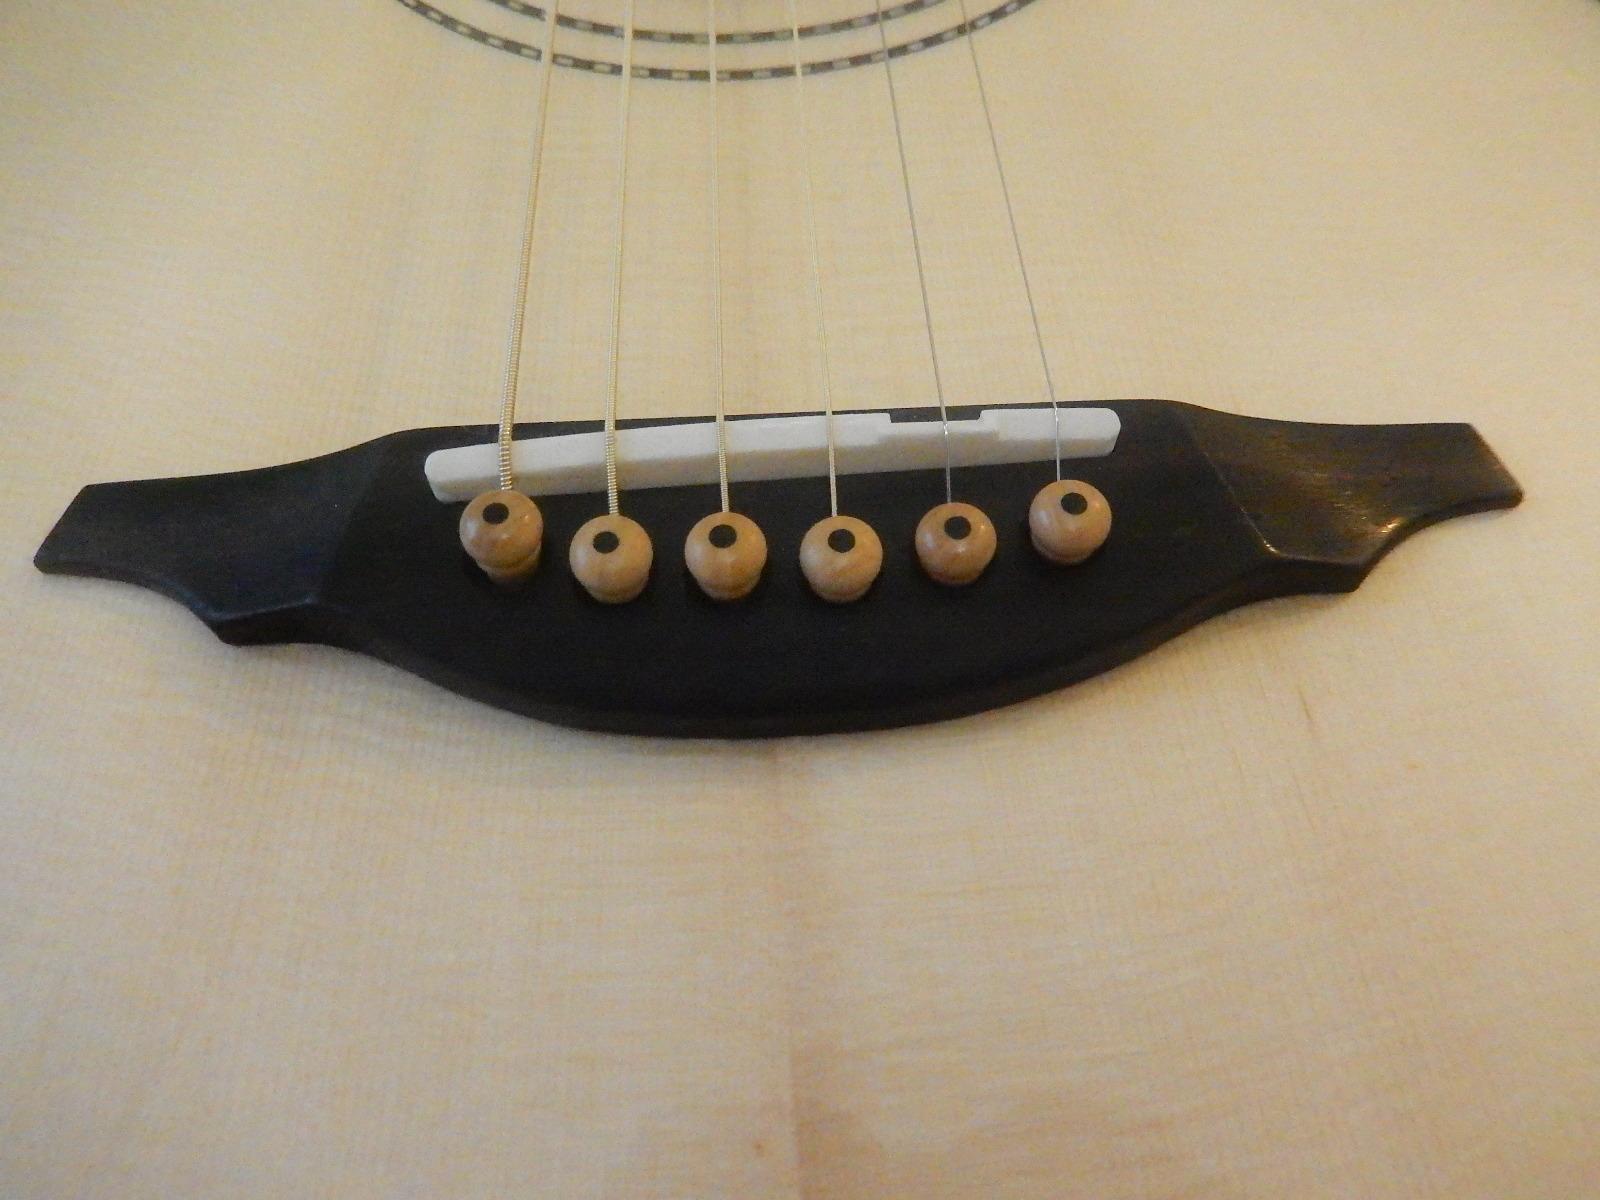 projet guitare Darmagnac en cours!! - Page 4 16022908043199300